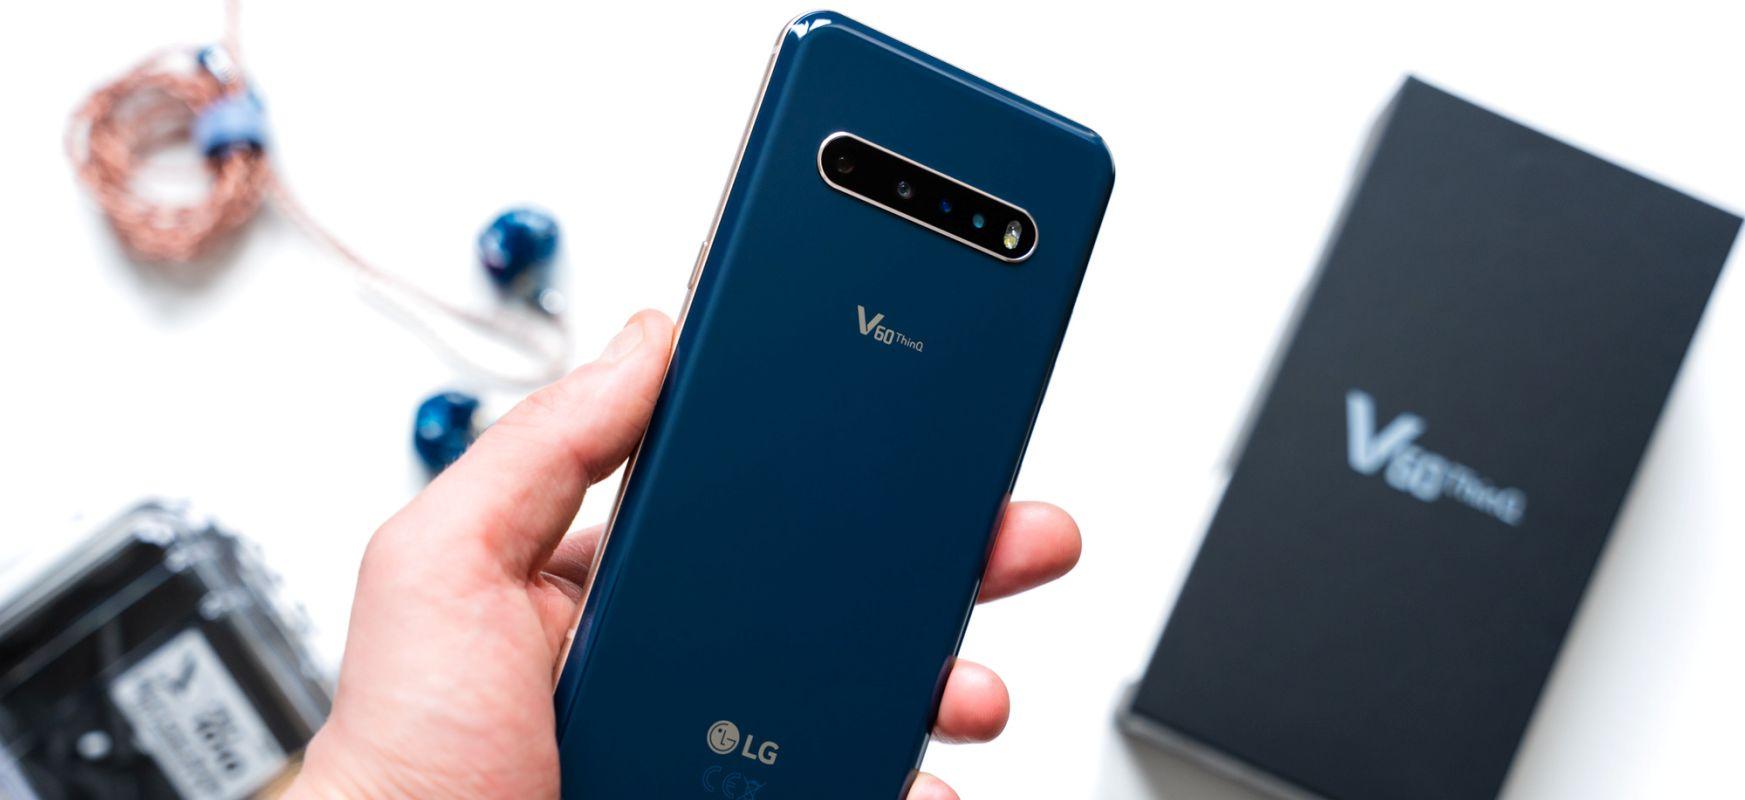 Smartphone hobeak ditut mahaian, etxean sentitzen nintzen horrekin.  LG V60 ThinQ 5G - lehen inpresioak